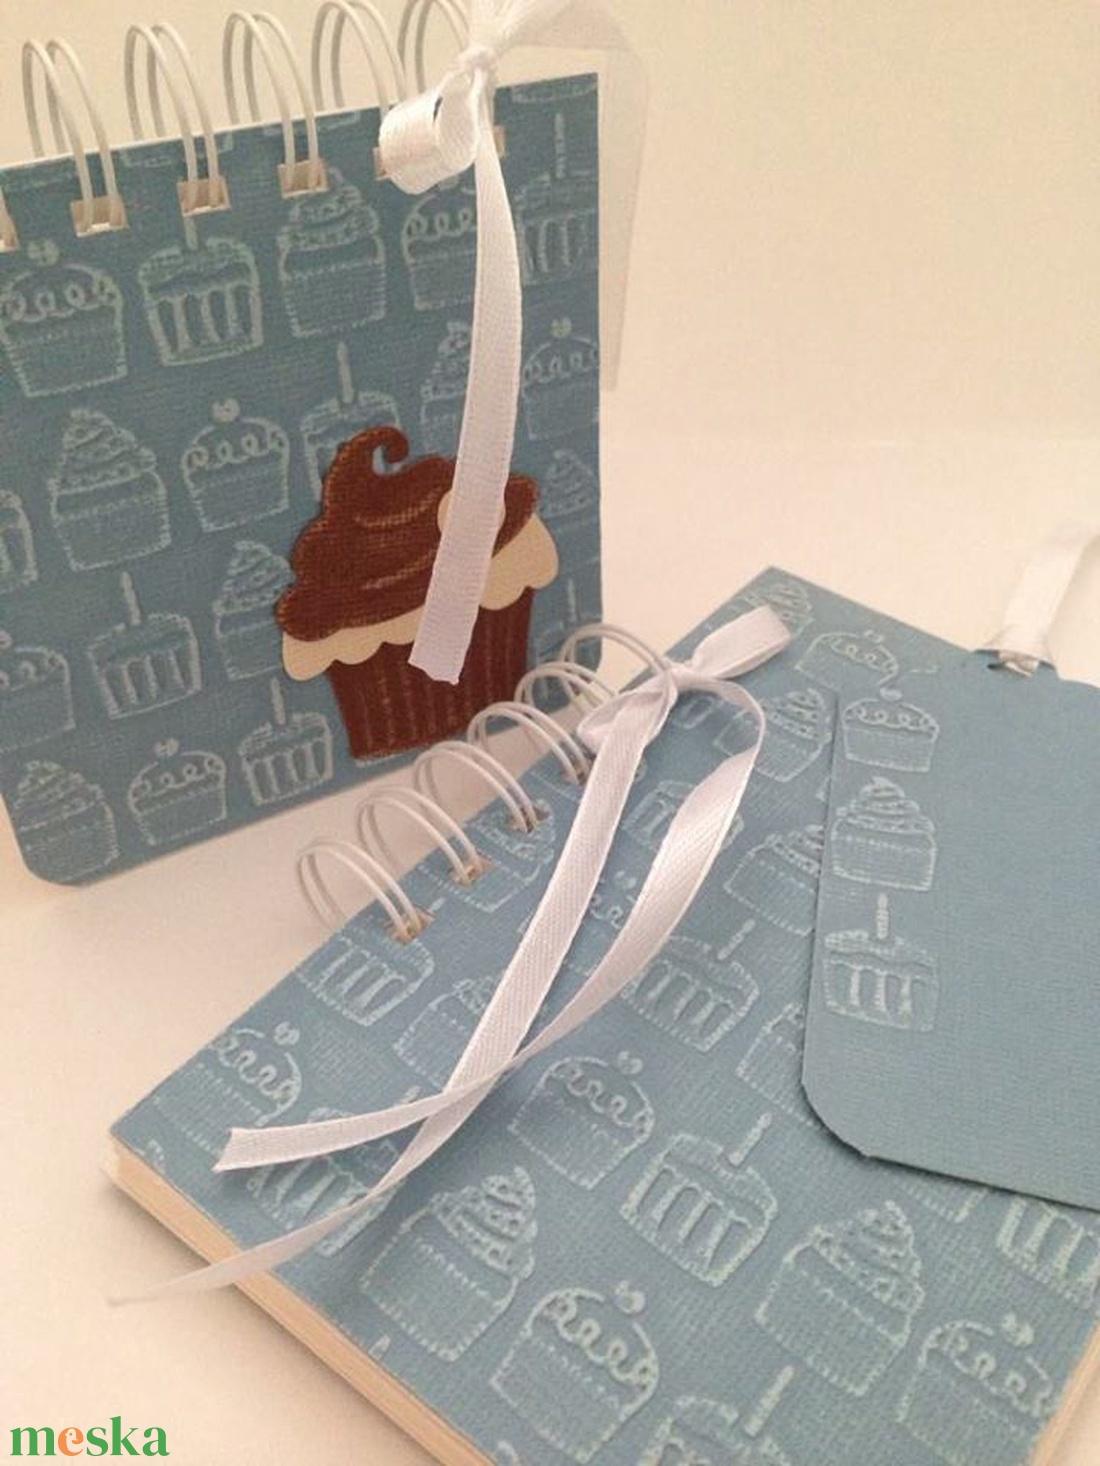 Dombormintás receptkönyv, jegyzettömbtartó (post-it), ajándékkísérő - lánybúcsú - sütő-főző verseny ajándékk  - otthon & lakás - konyhafelszerelés - receptfüzet - Meska.hu